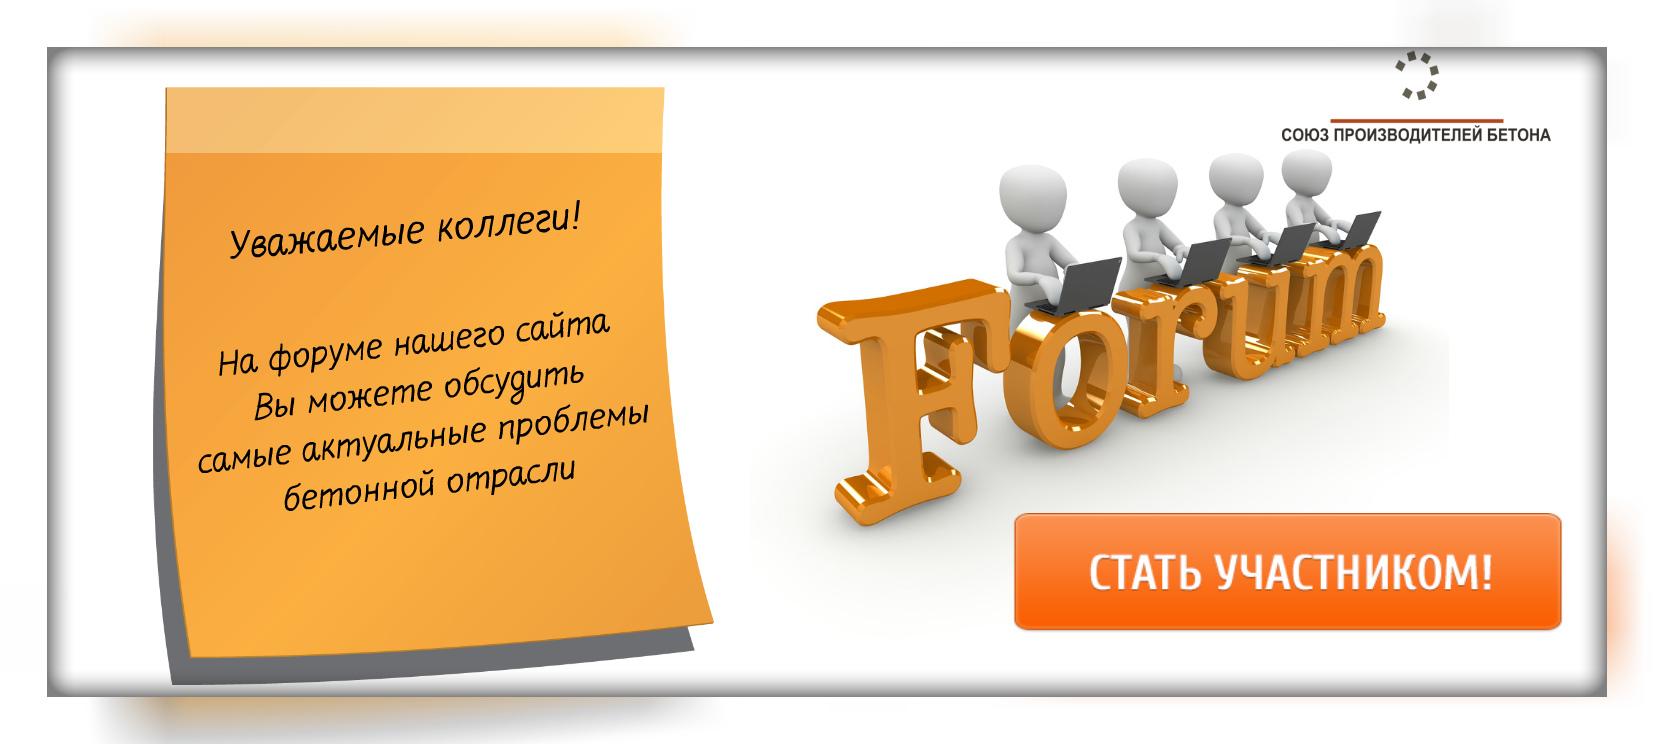 банер форум